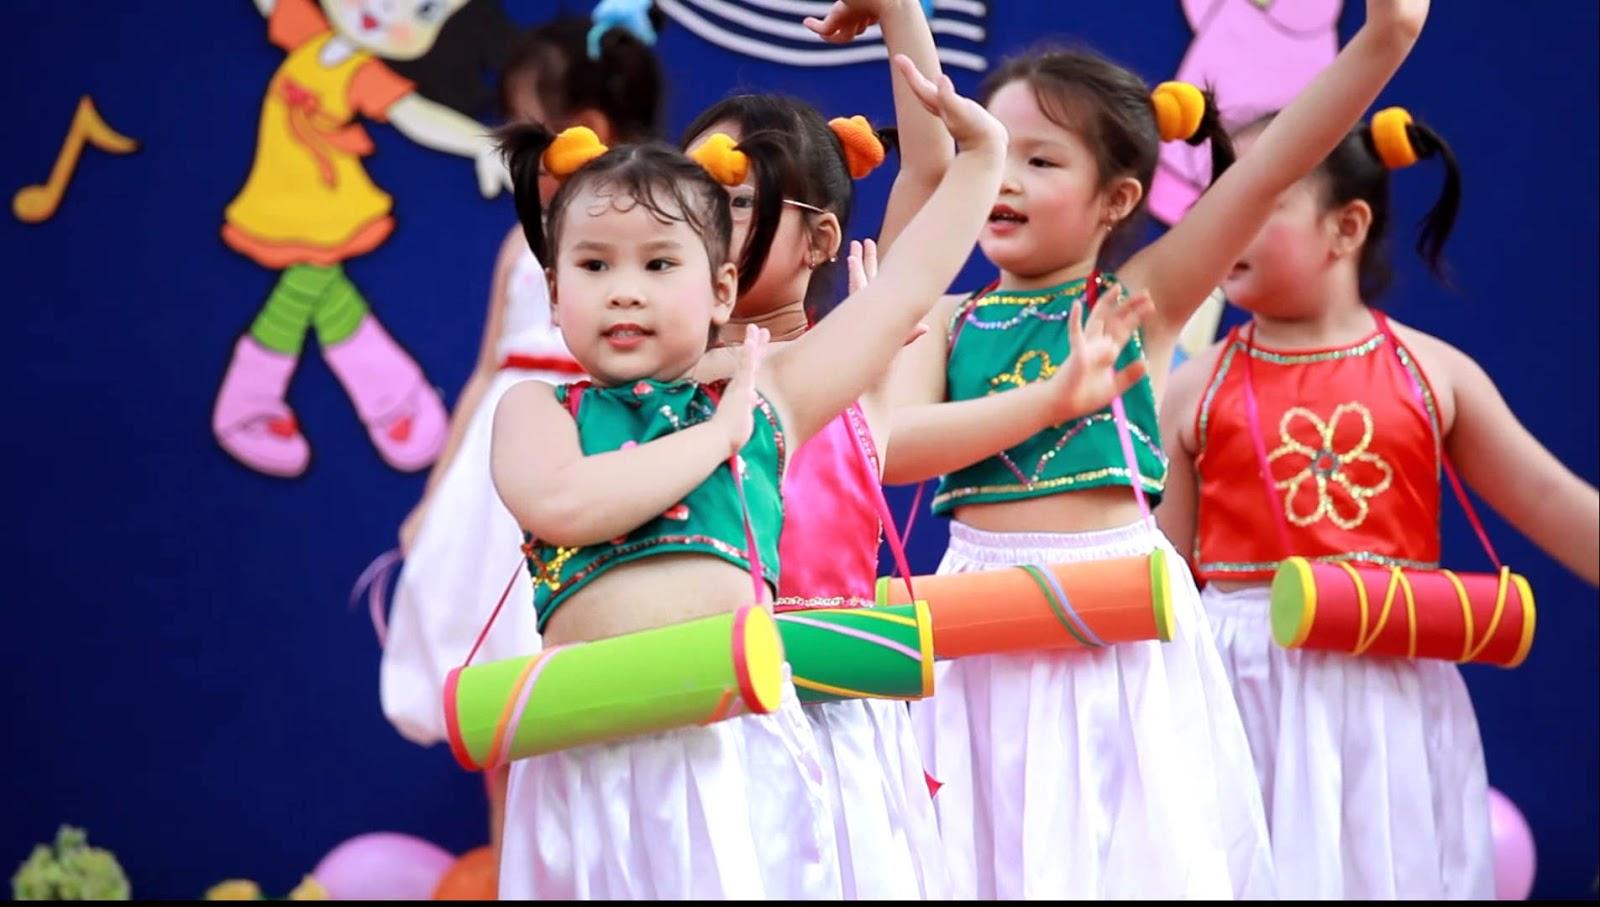 Những lý do tại sao bạn nên cho con học múa aerobic thiếu nhi trong mùa hè này - hình ảnh 6